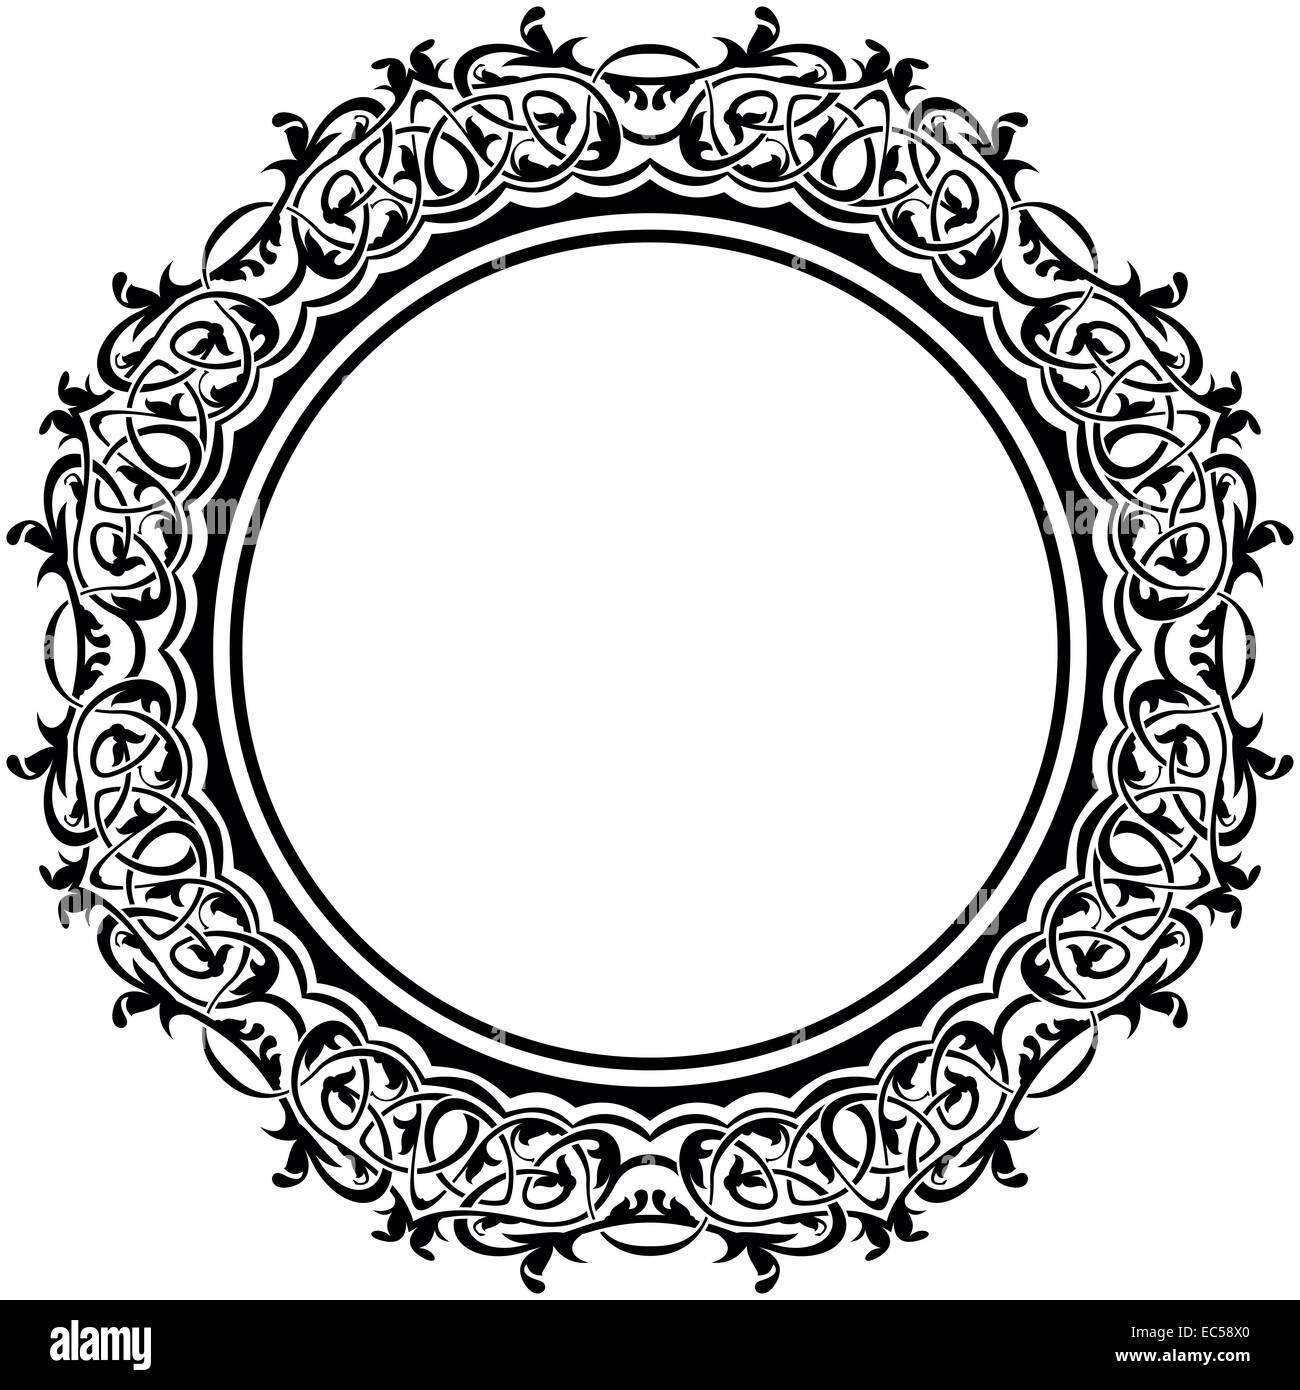 Schwarzer Rahmen mit Bordüre auf weißem Hintergrund Stockfoto, Bild ...